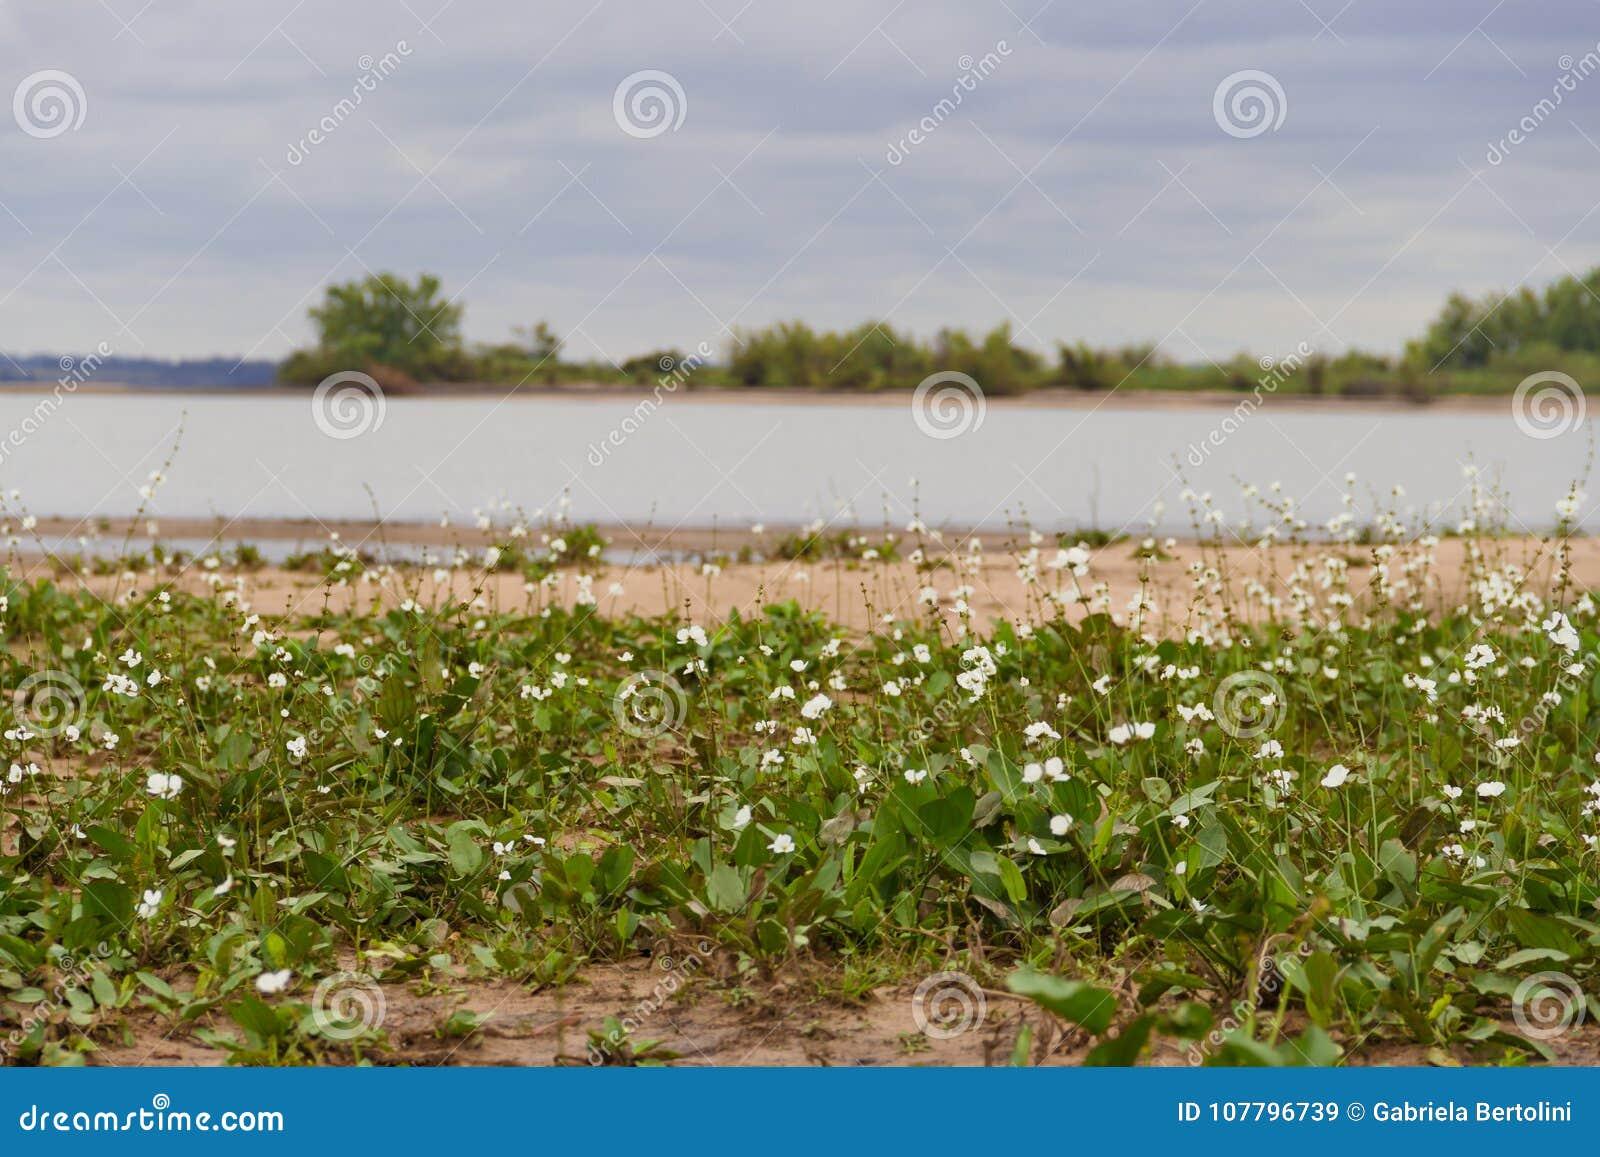 Paisaje de verano y tormenta en la playa y camalotes blancos ciudad de federación, provincia de Entre Ríos, Argen